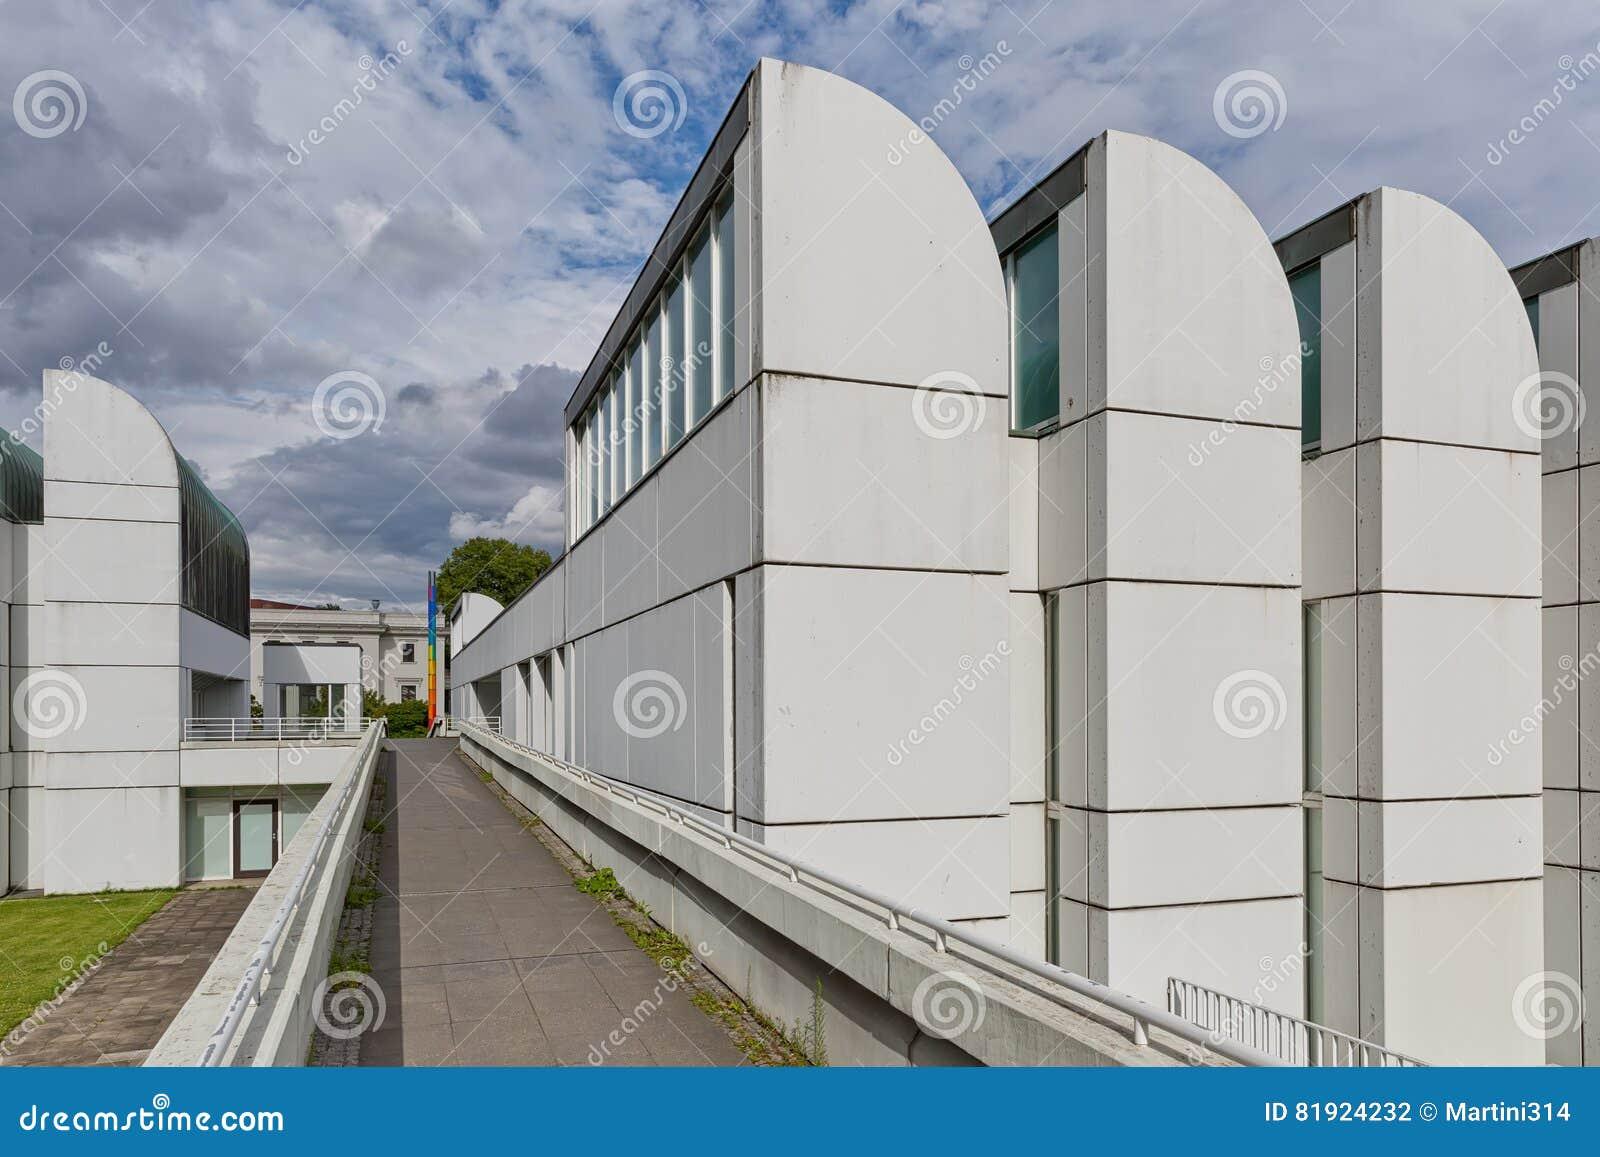 BERLIJN, DUITSLAND - JULI 2015: Bauhaus Archiv in Berlin German